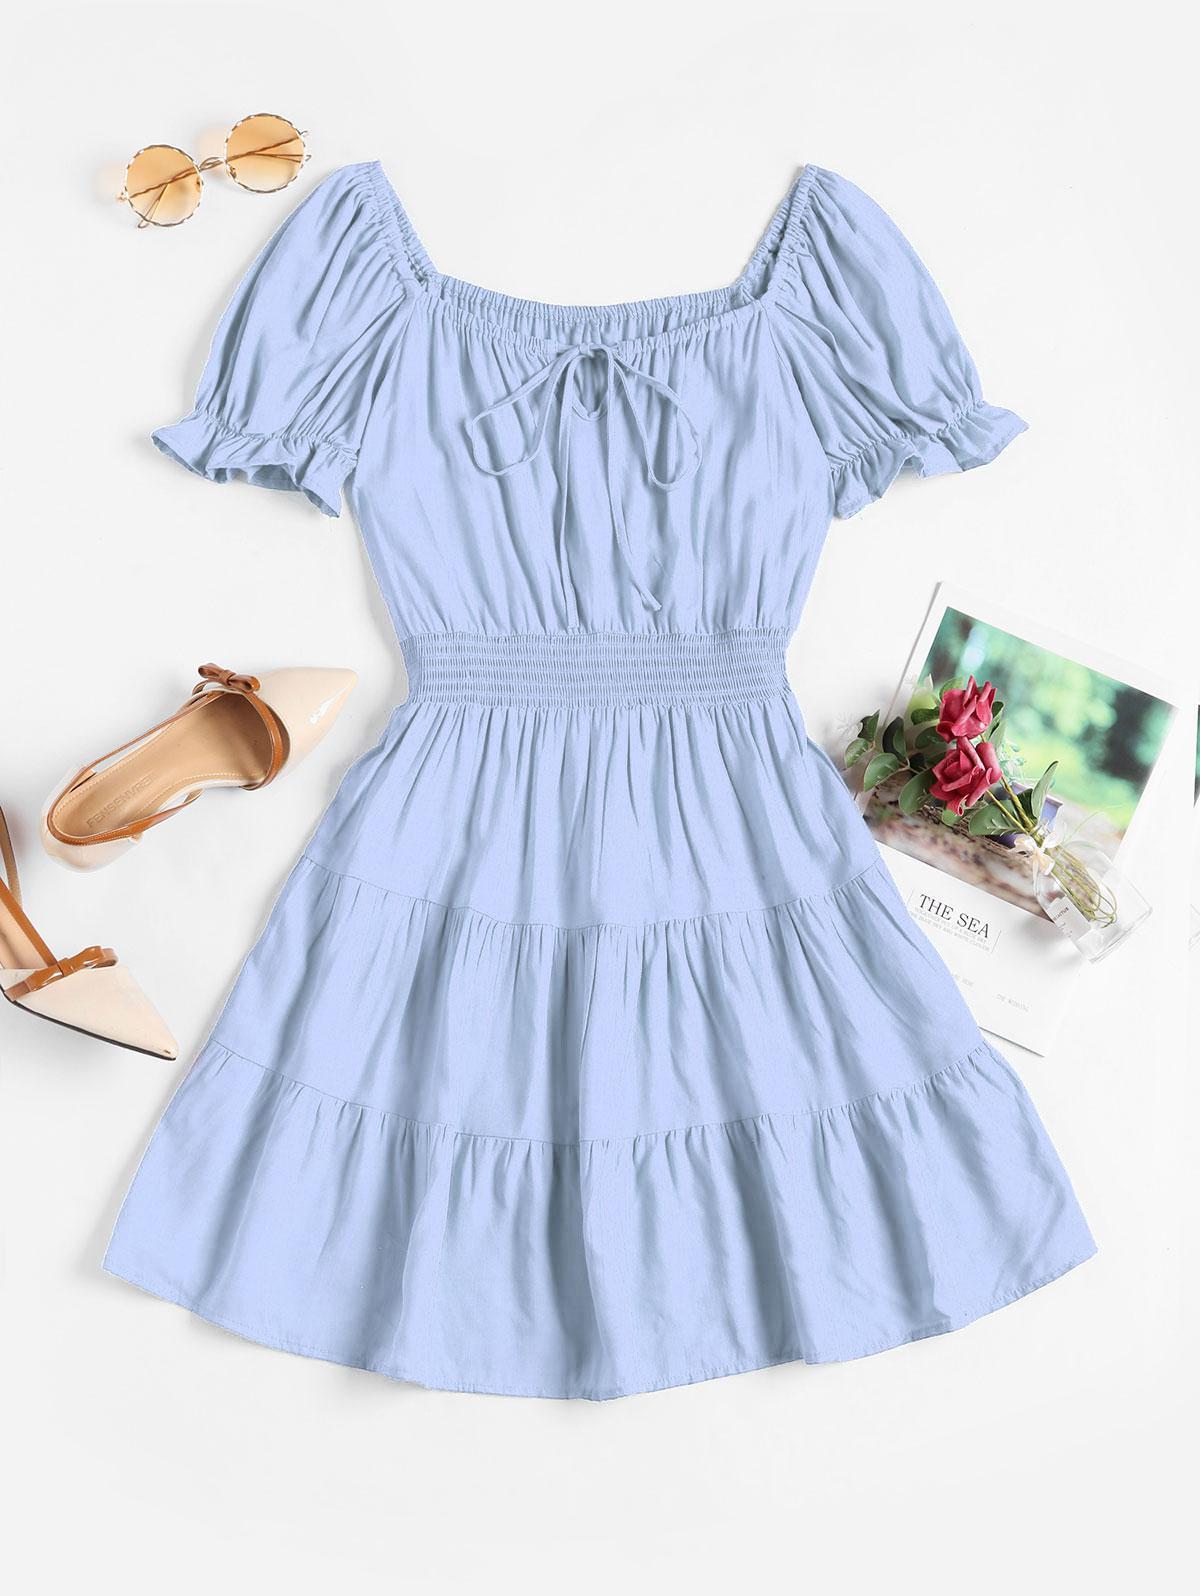 Smocked Waist Tie Collar Mini Milkmaid Dress